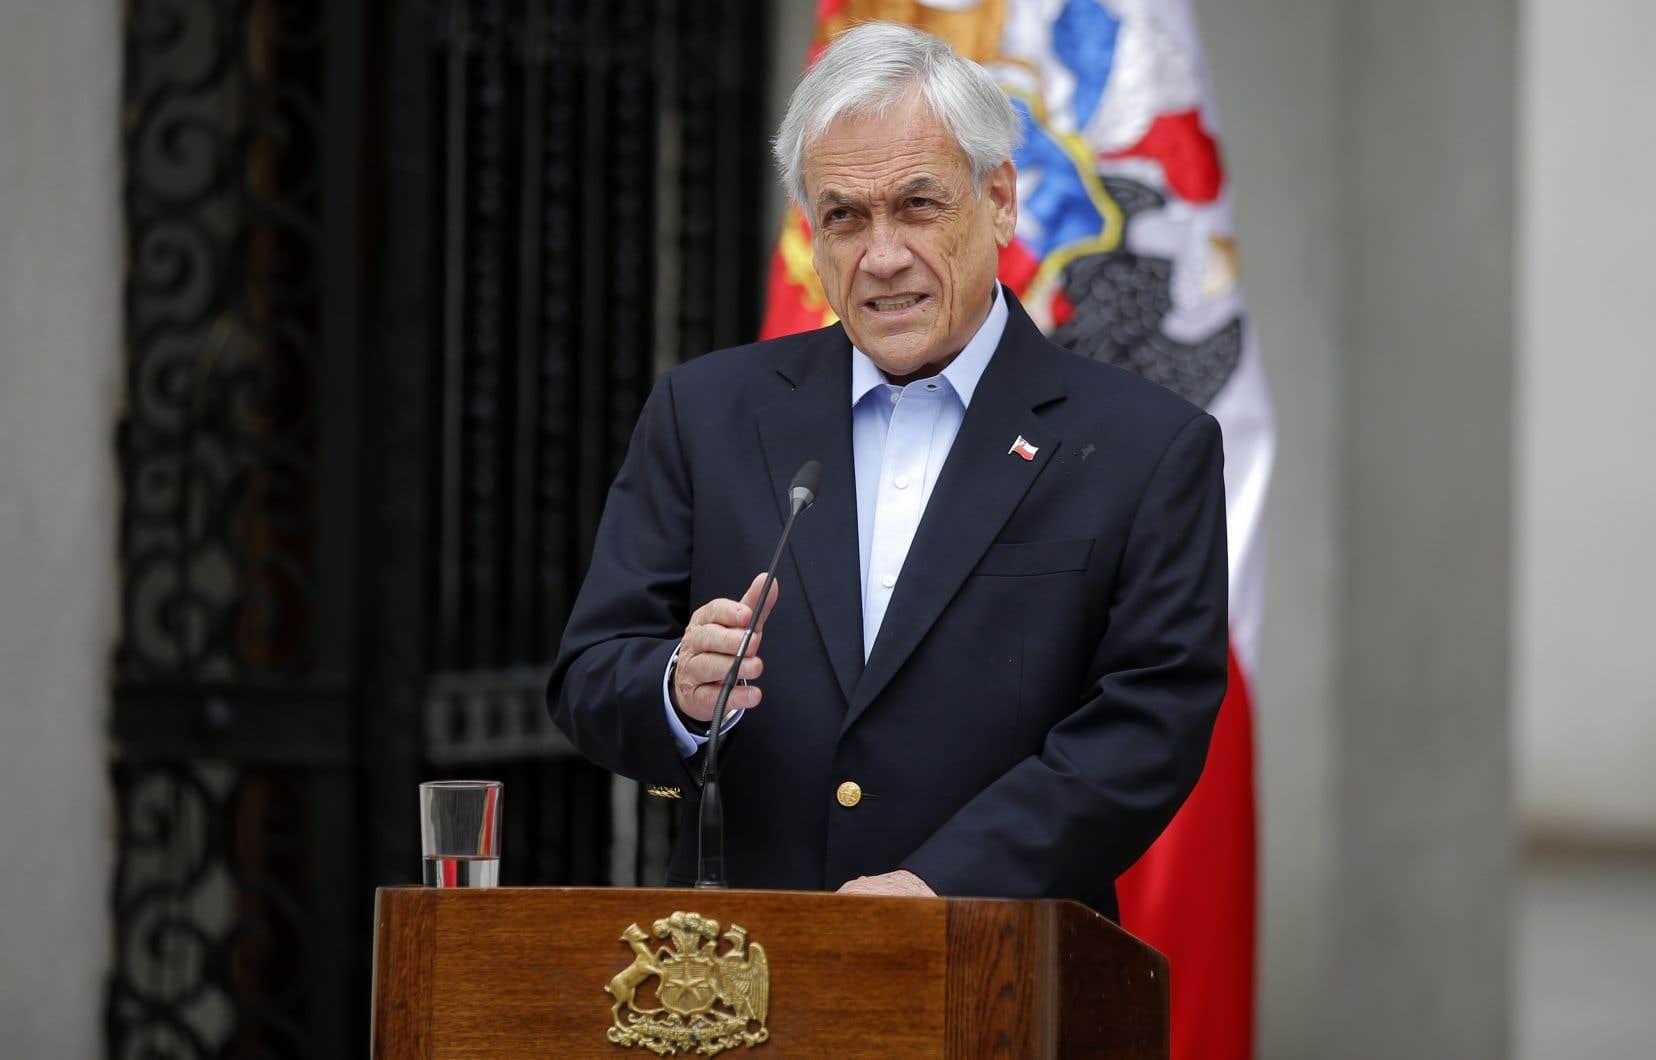 Le Chili renonce à organiser la conférence mondiale sur le climat COP25 en raison du mouvement de contestation inédit qui agite le pays, a annoncé le président Sebastian Piñera mercredi.